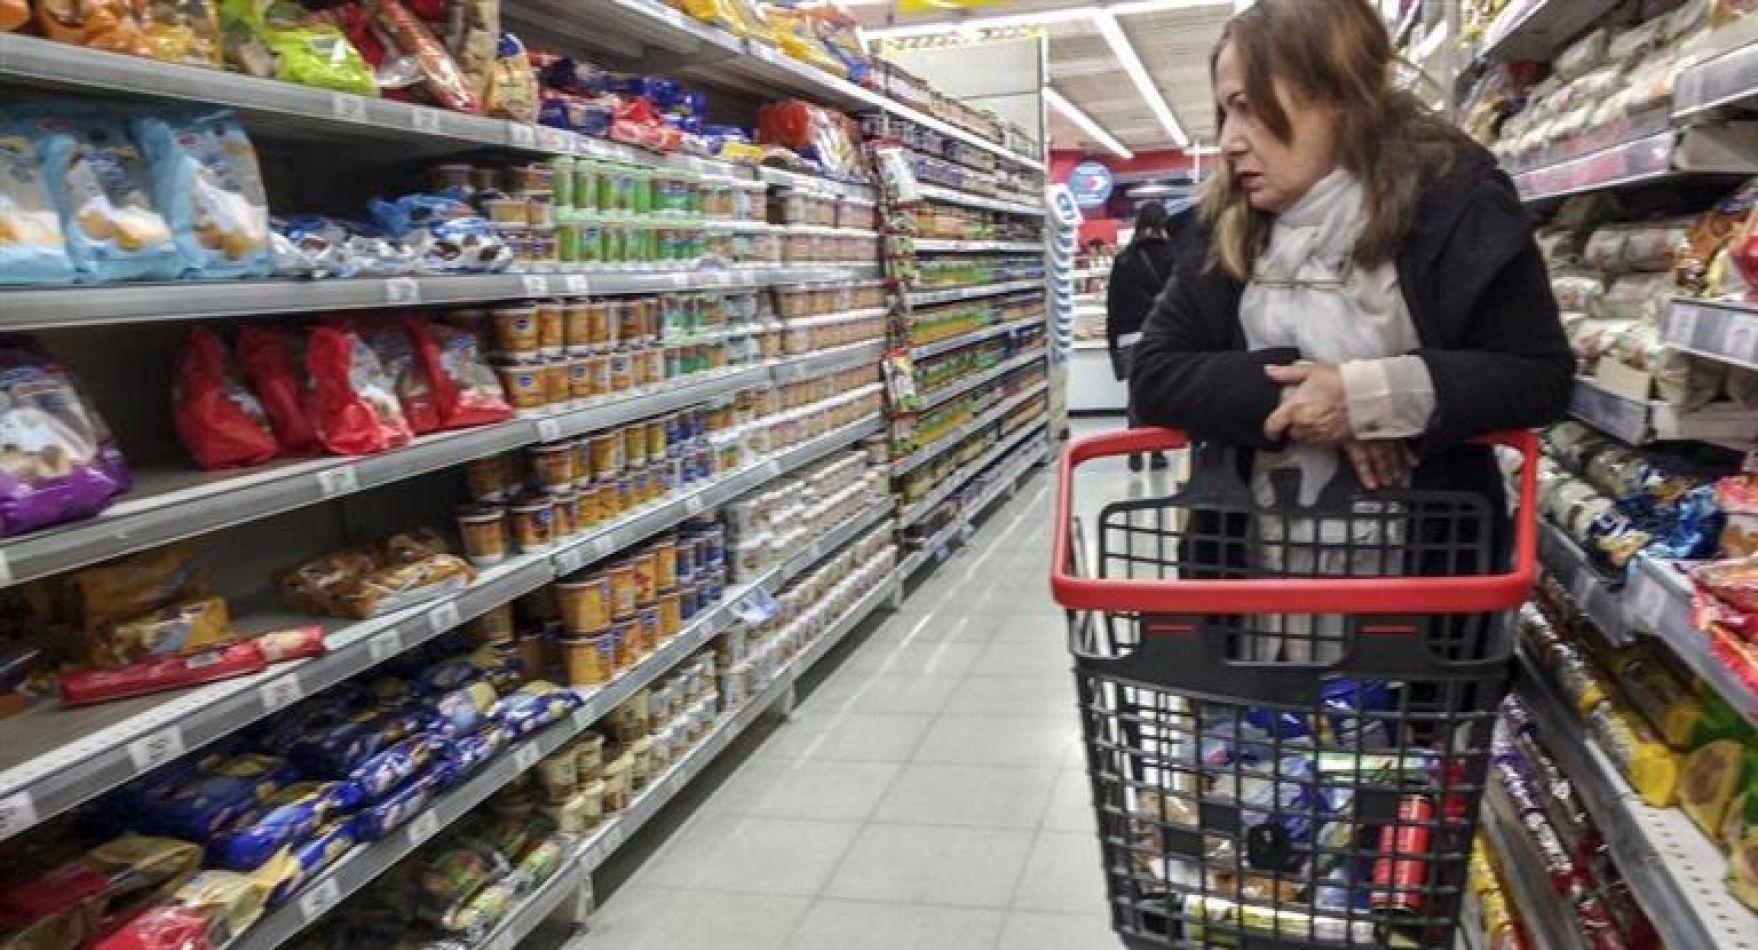 Precios Cuidados: Actualizan lista y suman 100 productos al programa